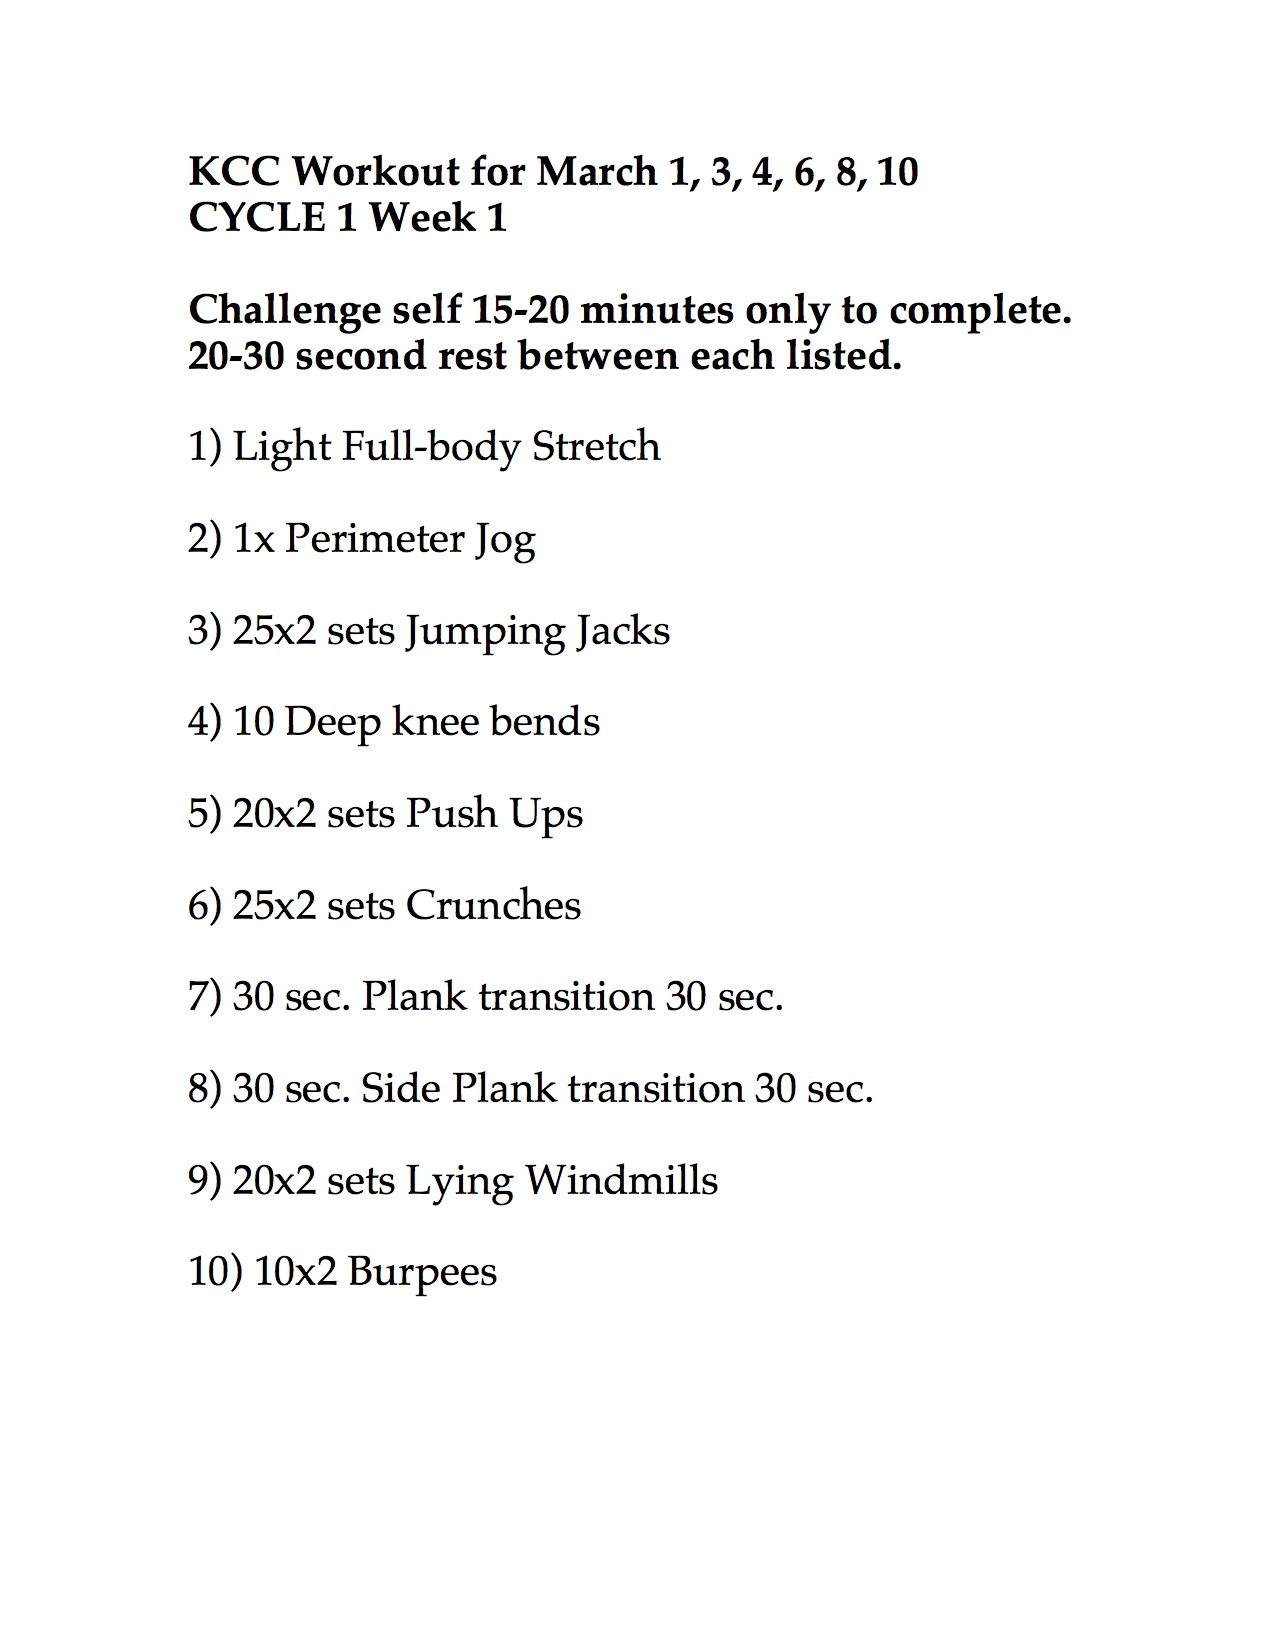 WEEK 2 CYCLE 1